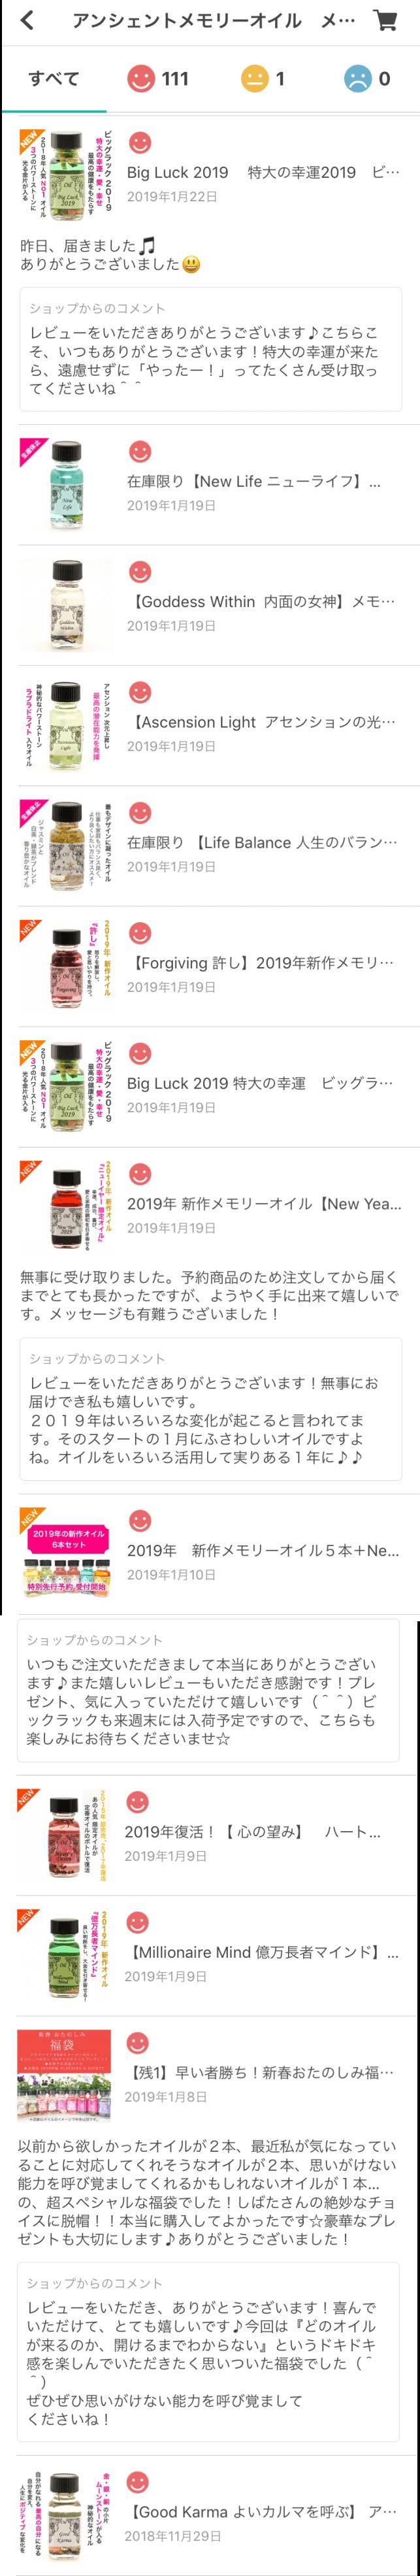 メモリーオイルの専門店 口コミ レビュー アンシェントメモリーオイル 柴田ともこ